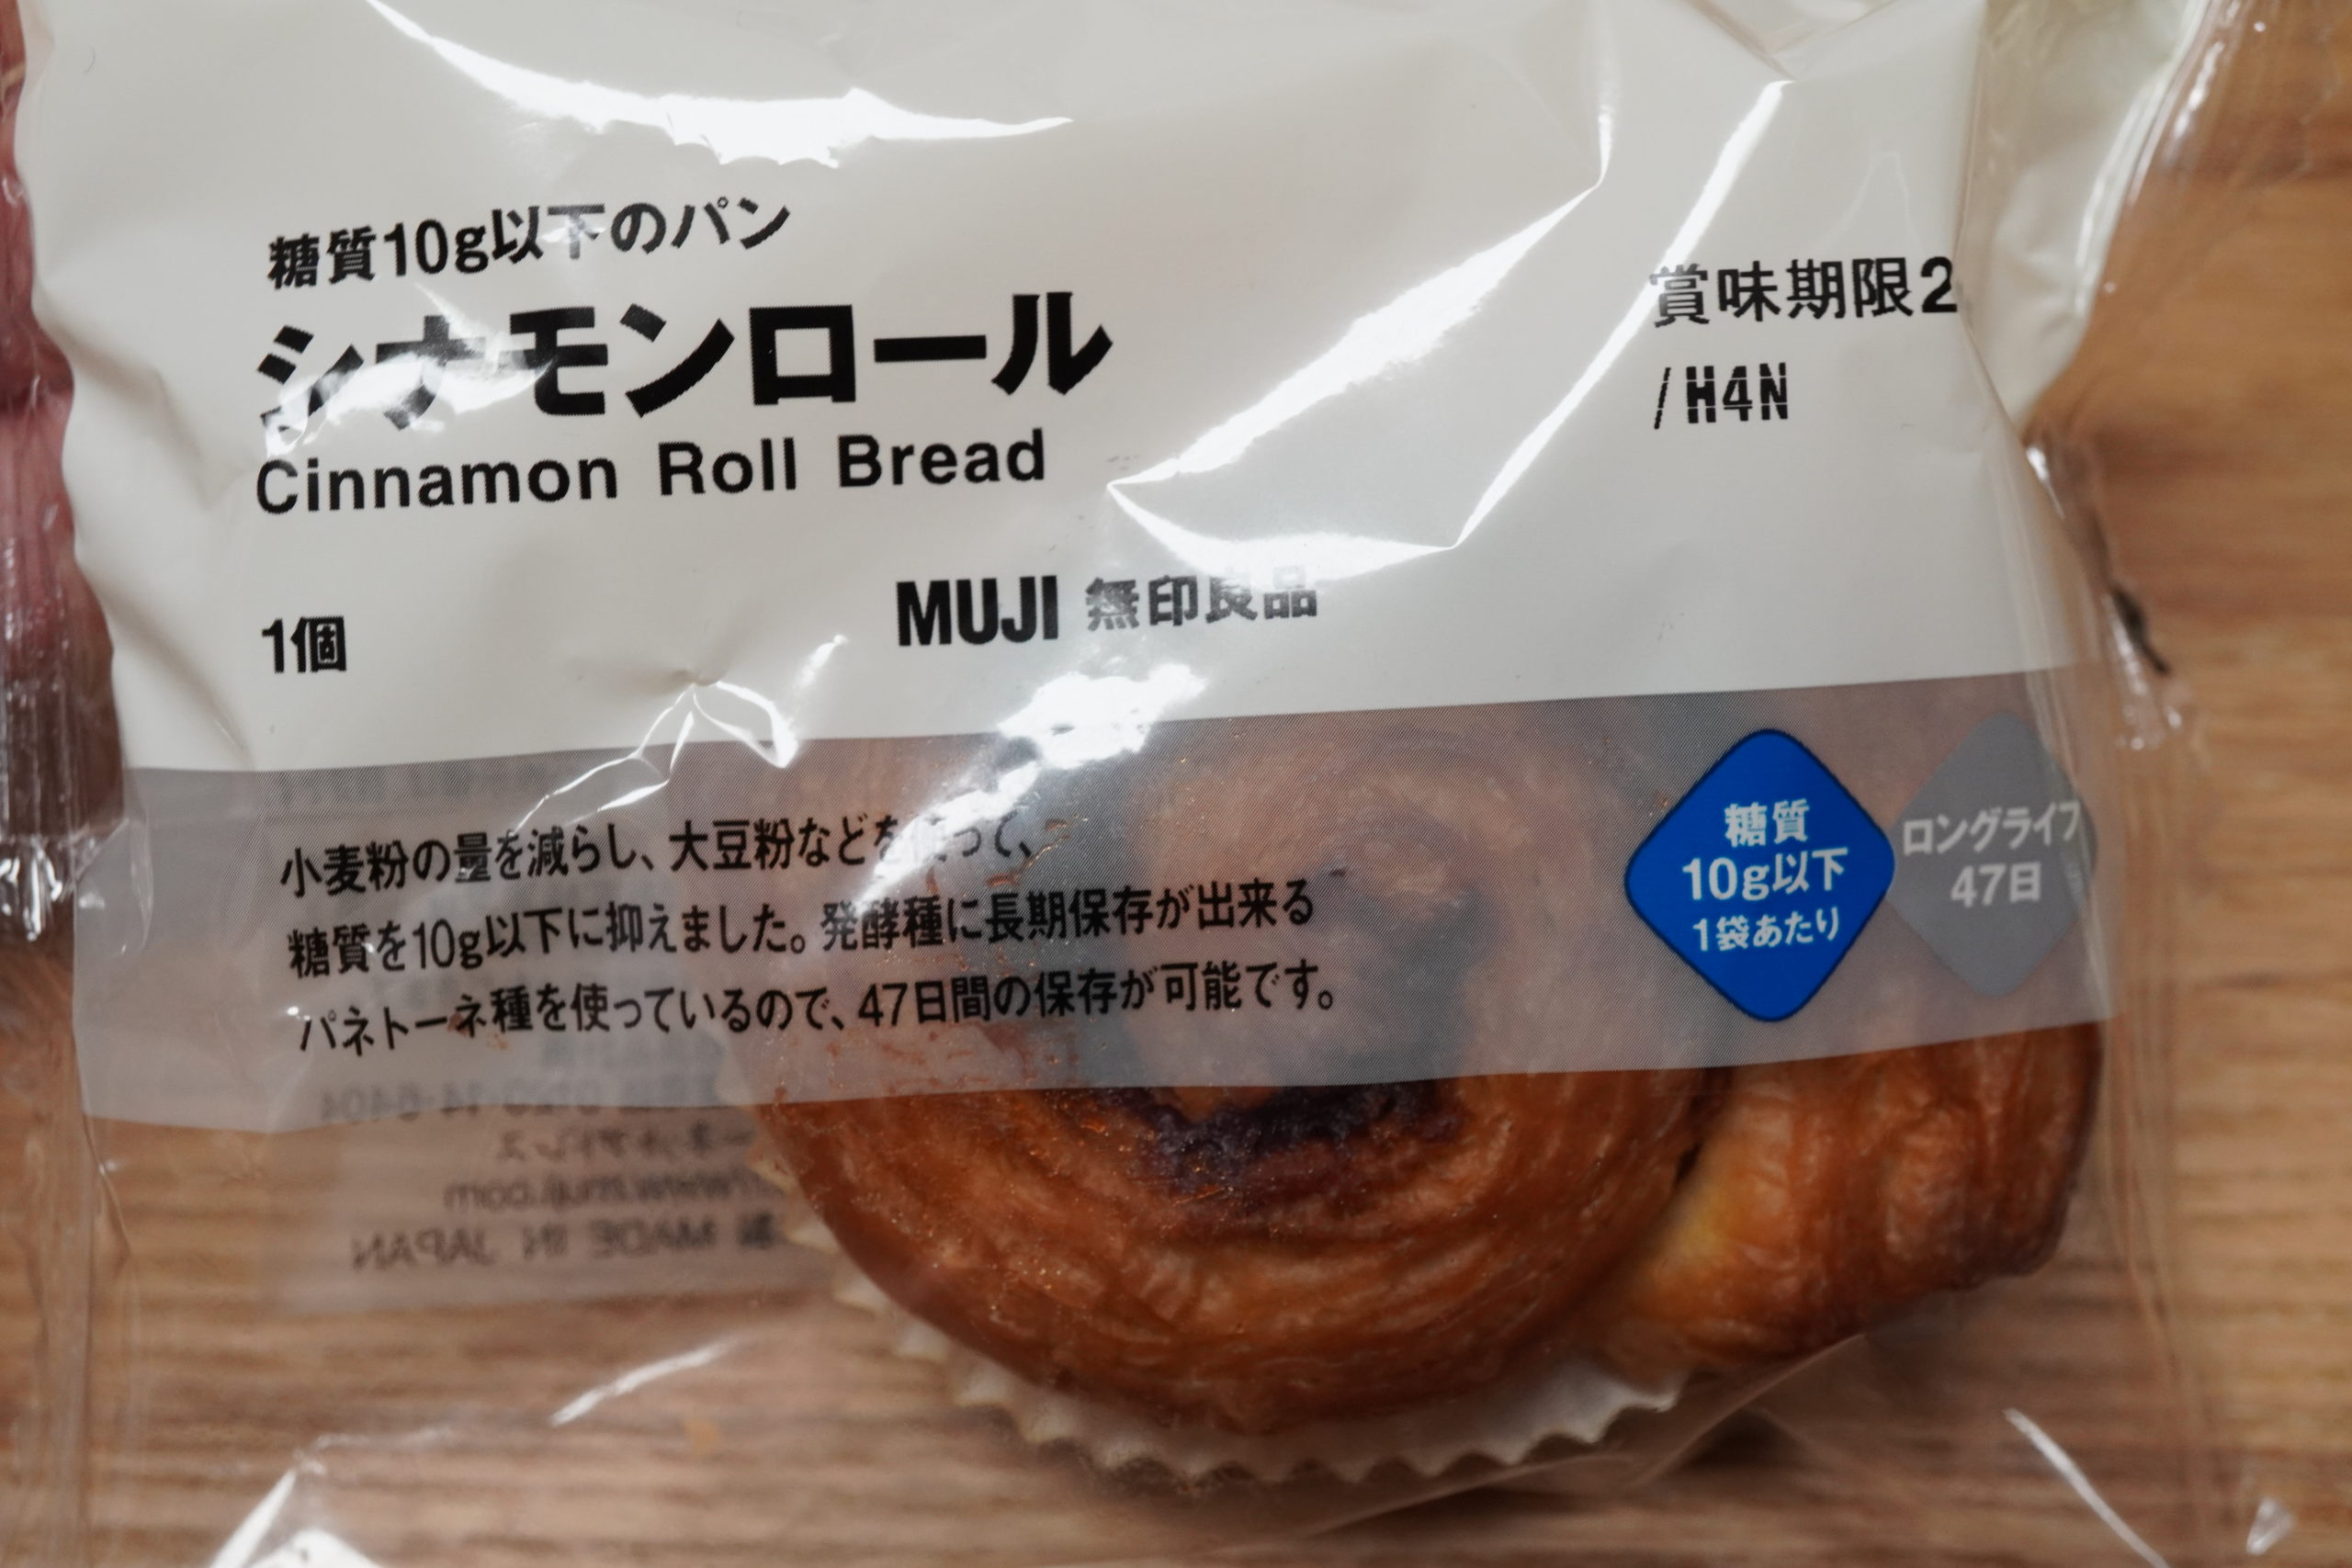 糖質10g以下のパン シナモンロール